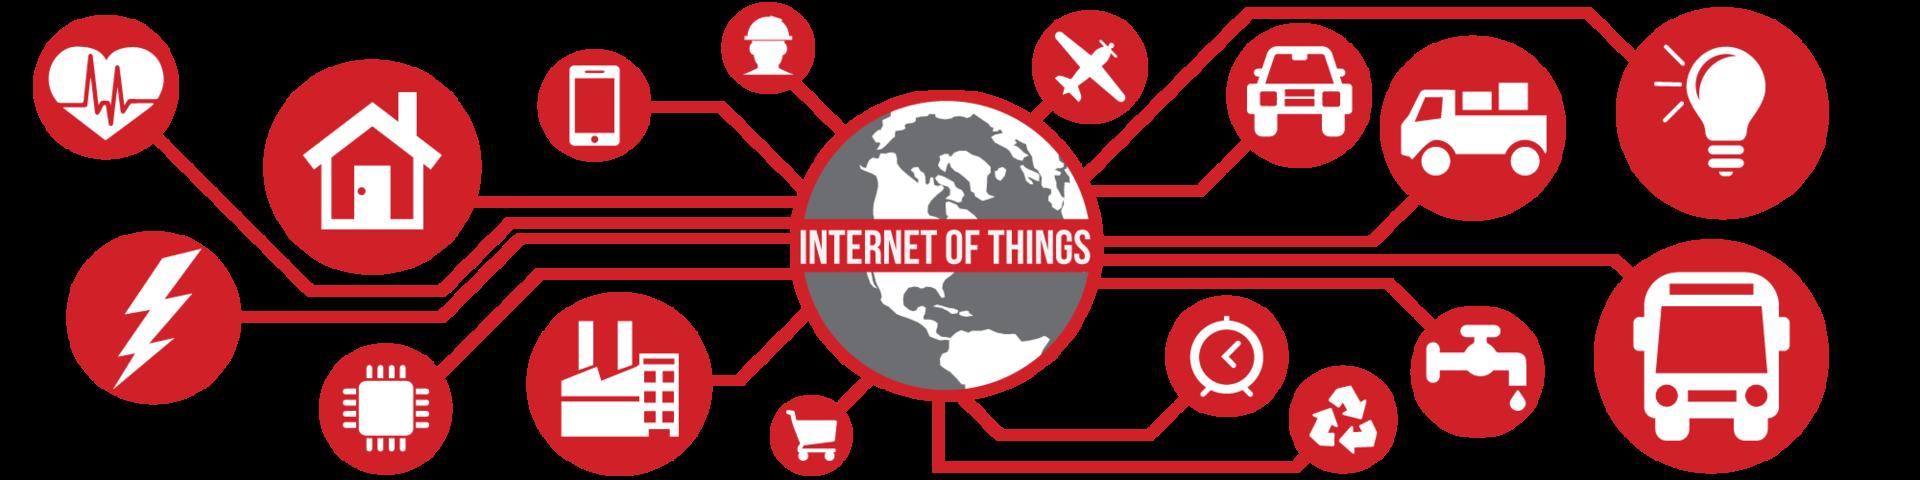 Зловреды-вымогатели для IoT опаснее «традиционных» зловредов - 4